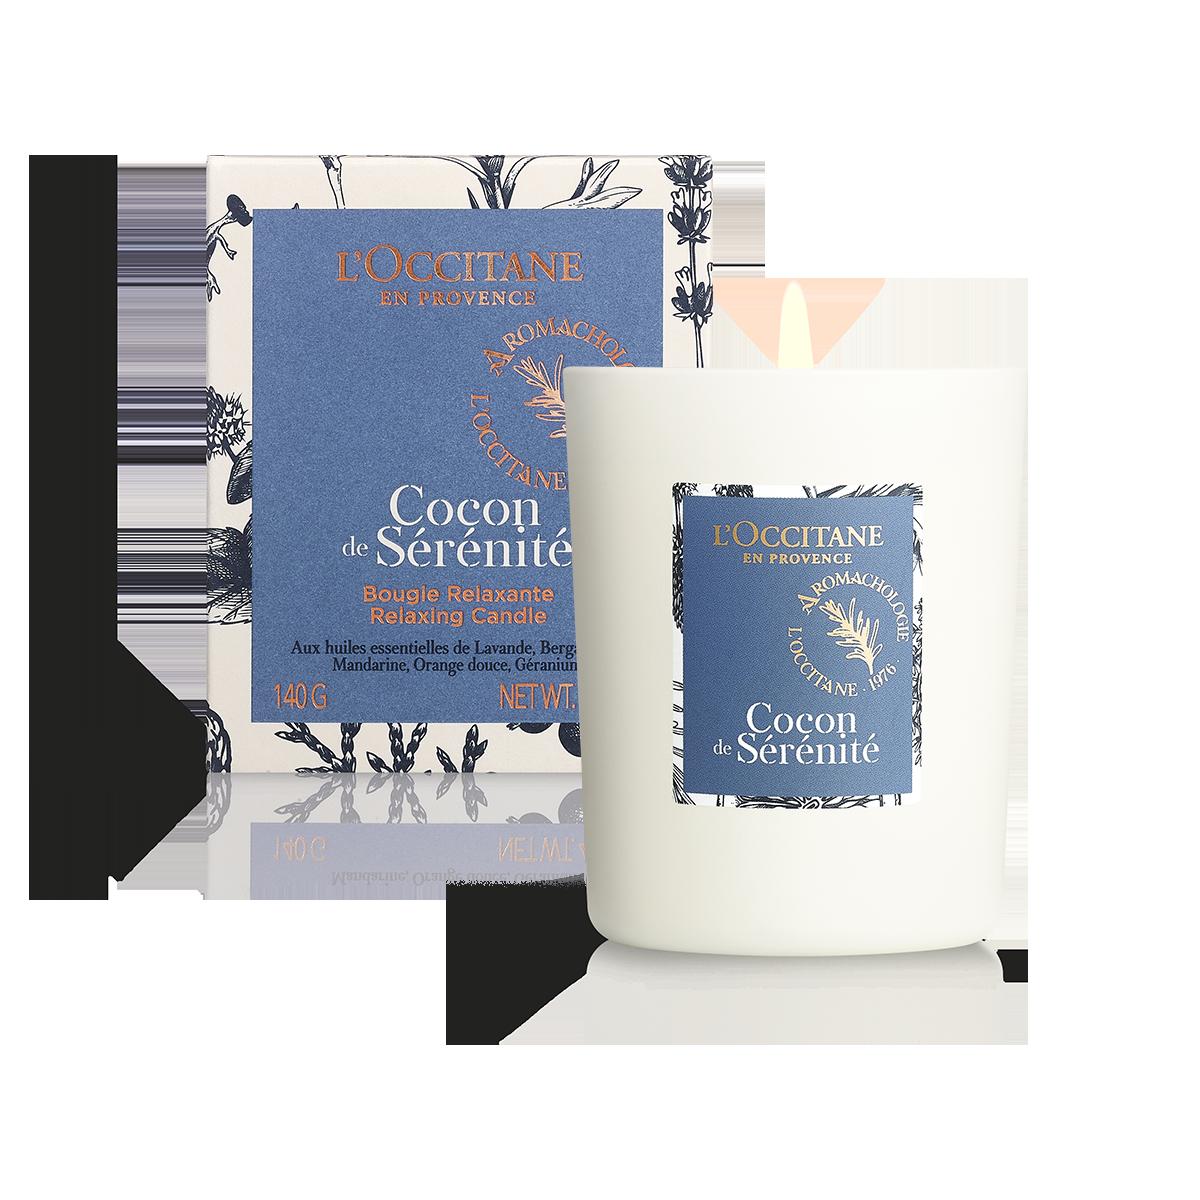 Cocon de Sérénité Relaxing Candle